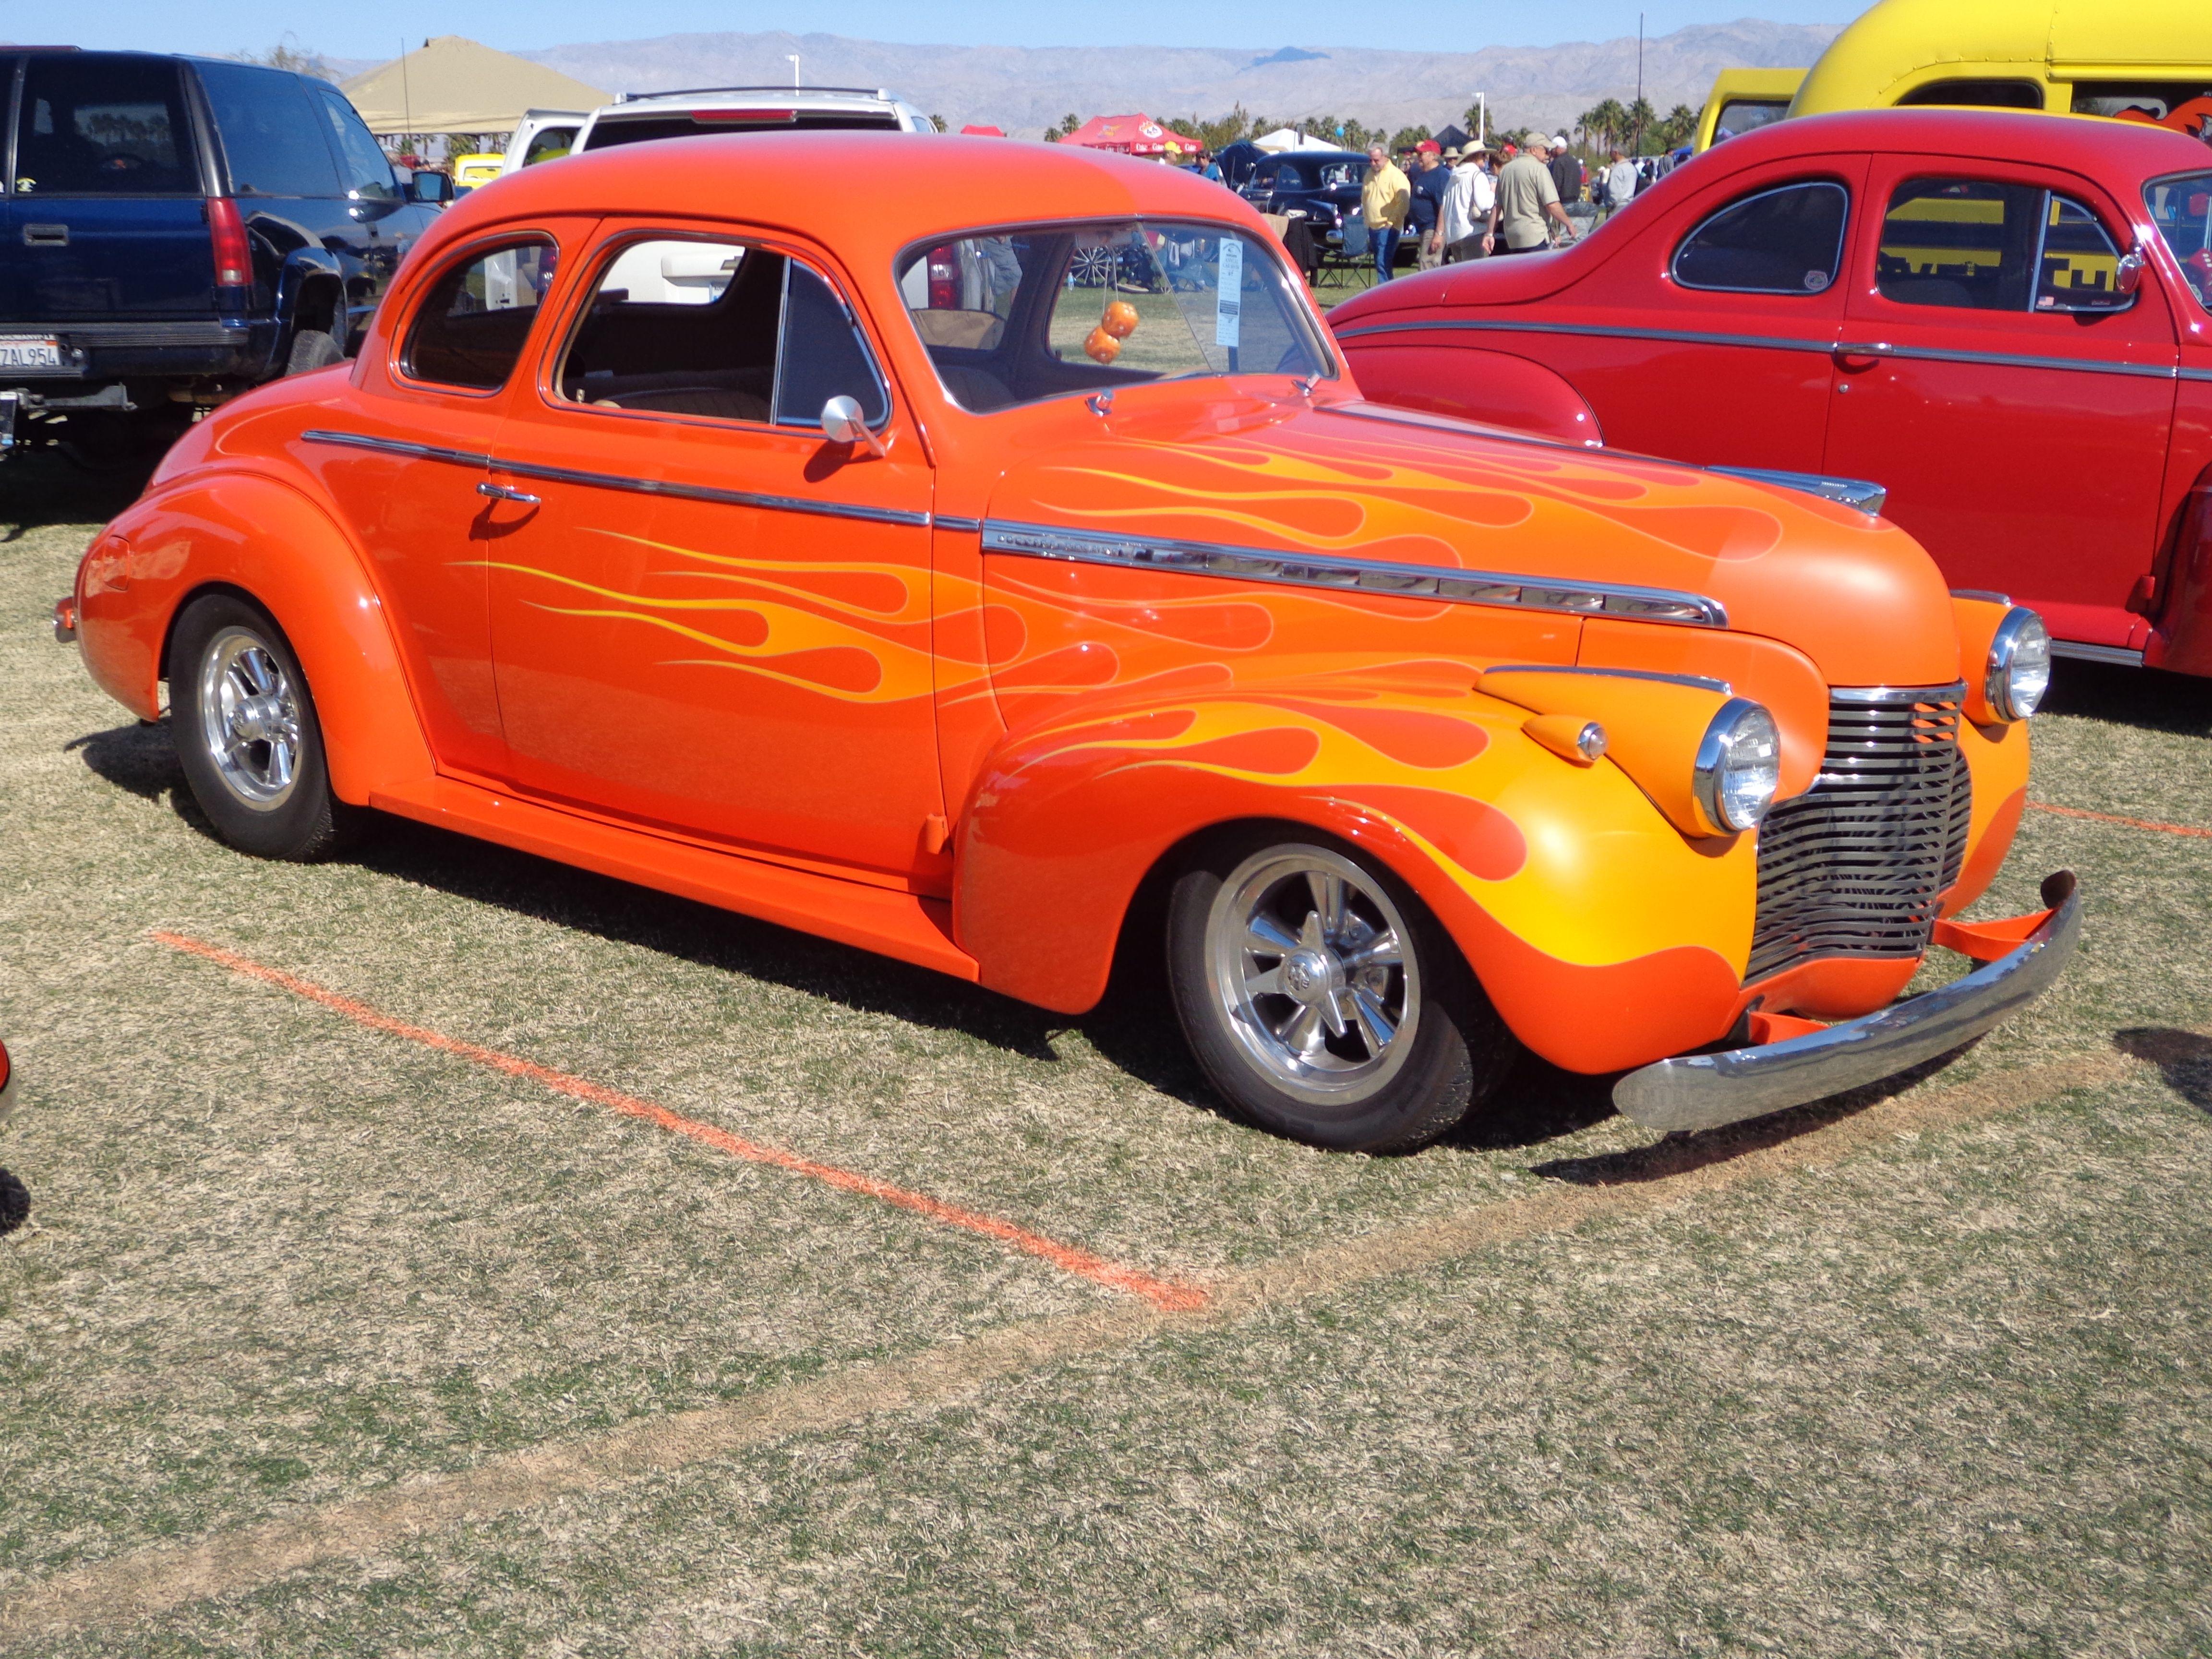 Car Show Palm Springs Sorry No Snow Progressive Books At Fahbks - Palm springs car show